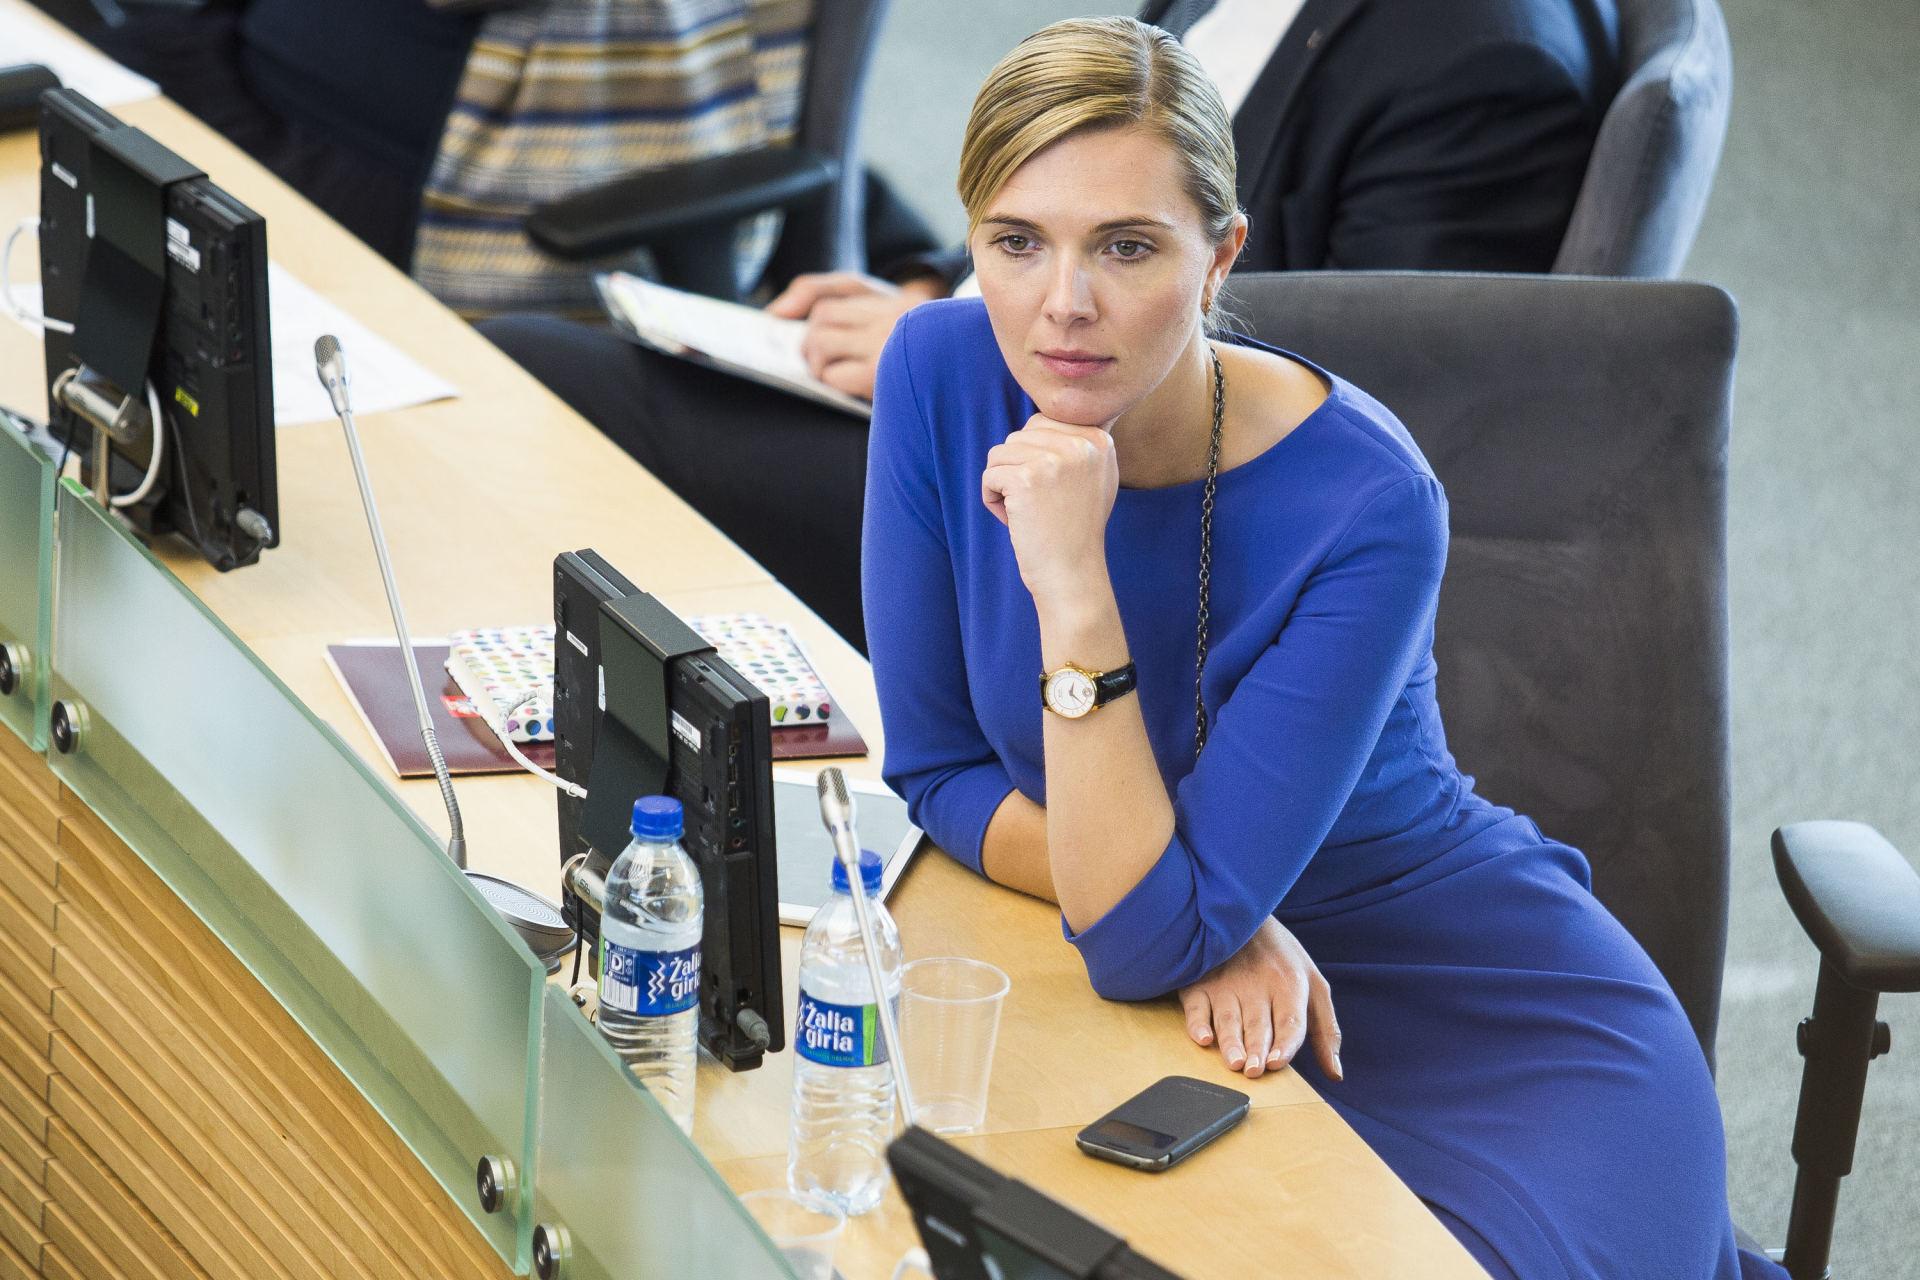 Seimo narė Agnė Bilotaitė laukiasi pirmagimio | Vardai | 15min.lt